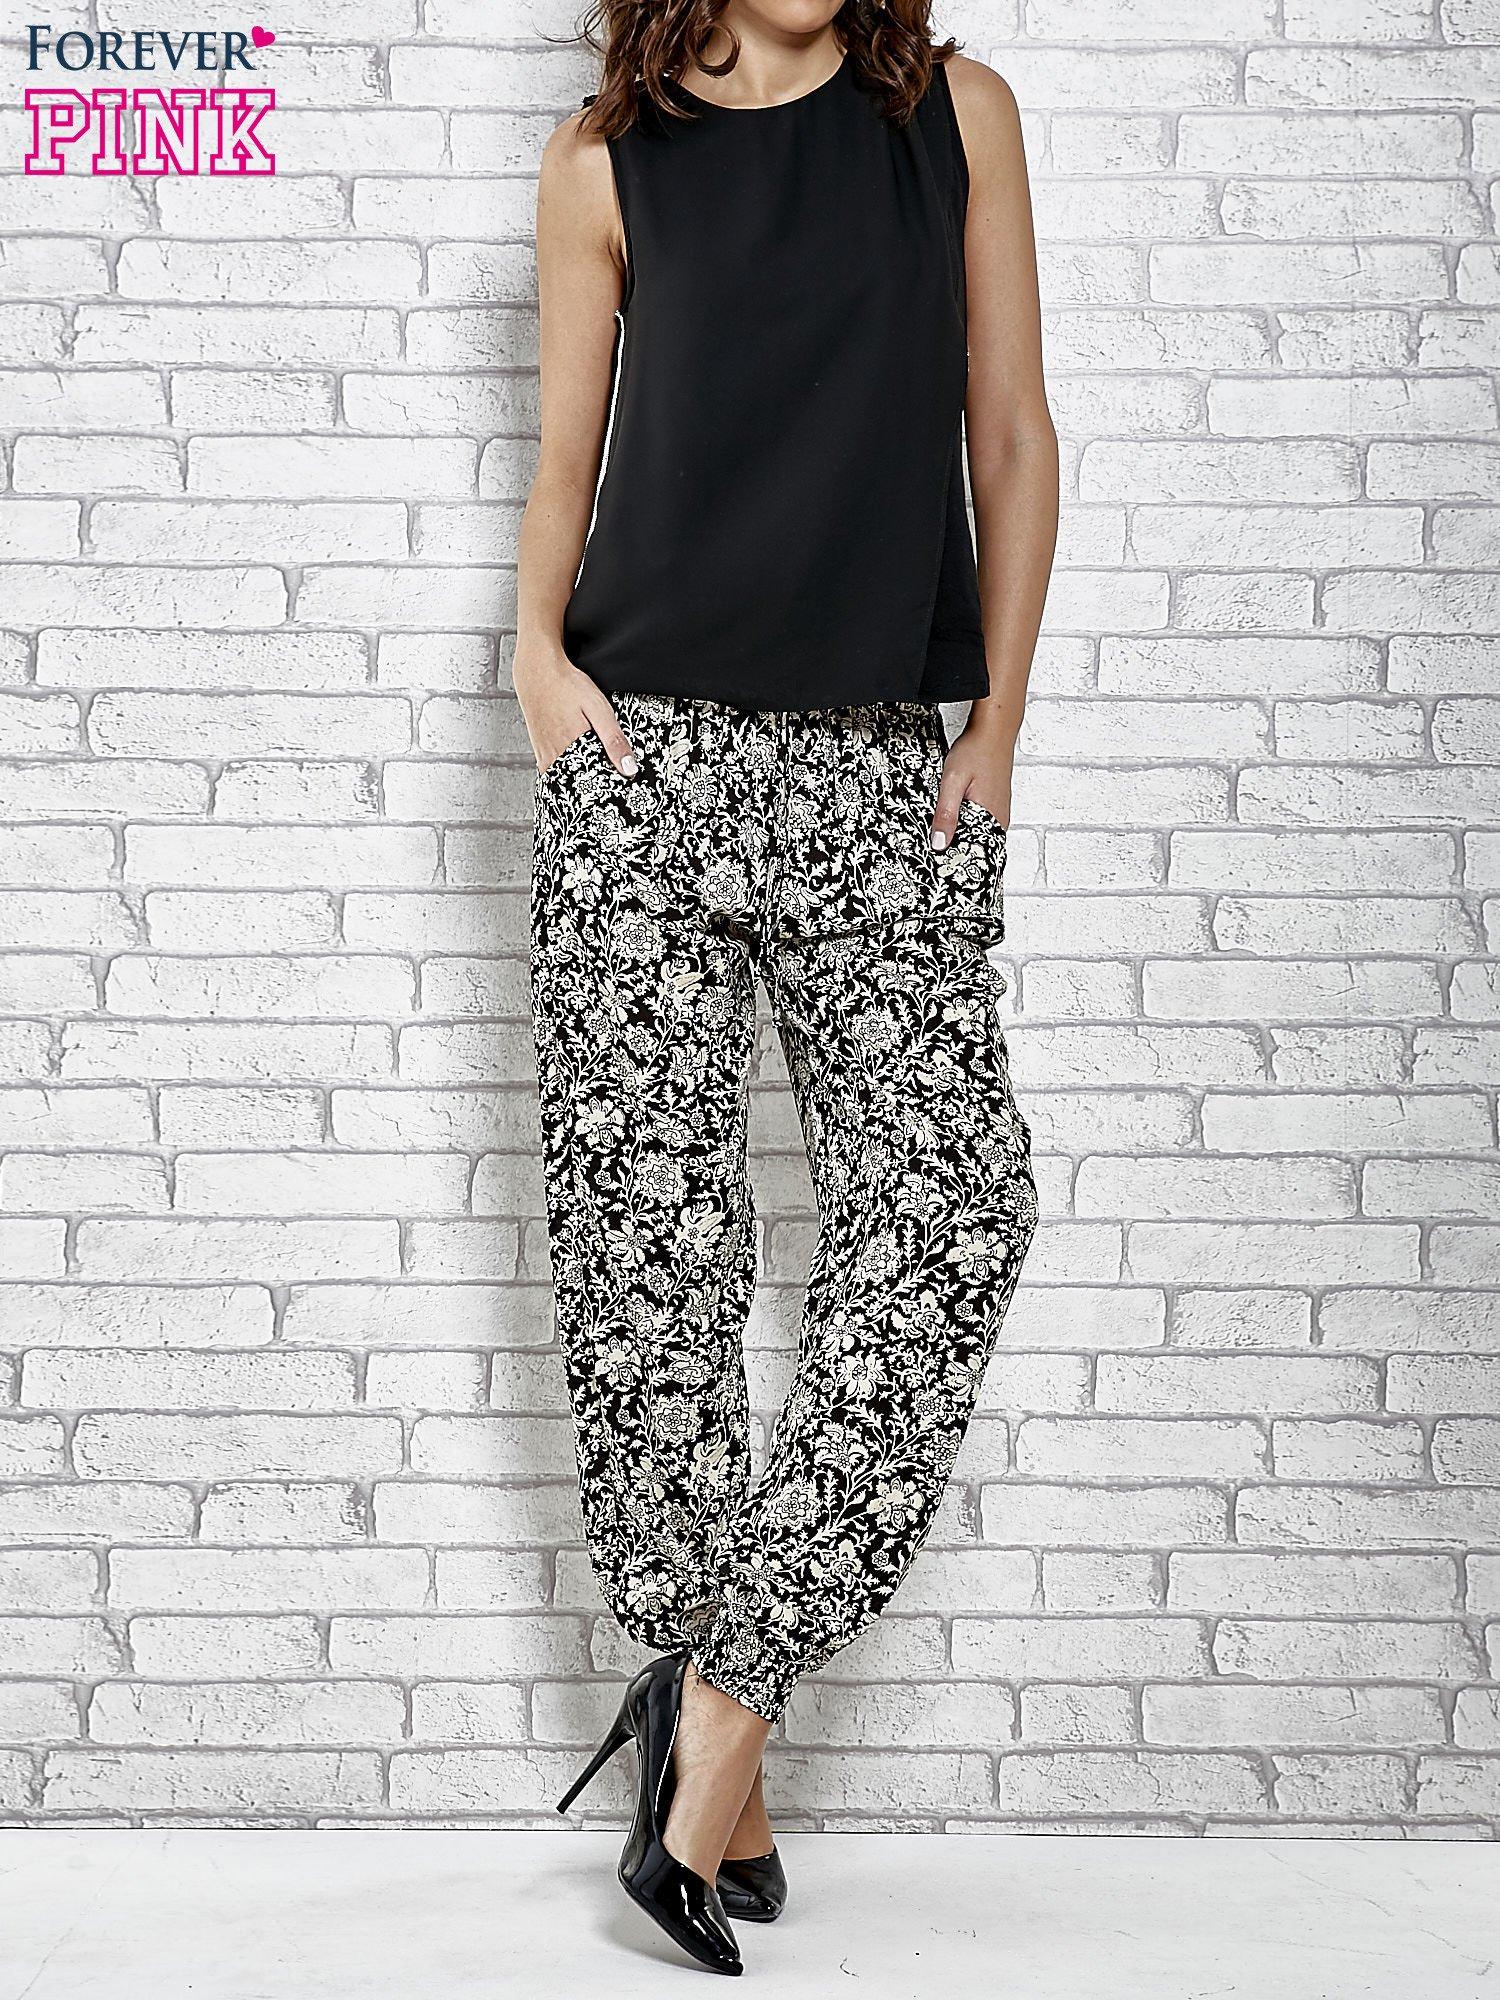 Czarne zwiewne spodnie alladynki we wzór kwiatków                                  zdj.                                  4